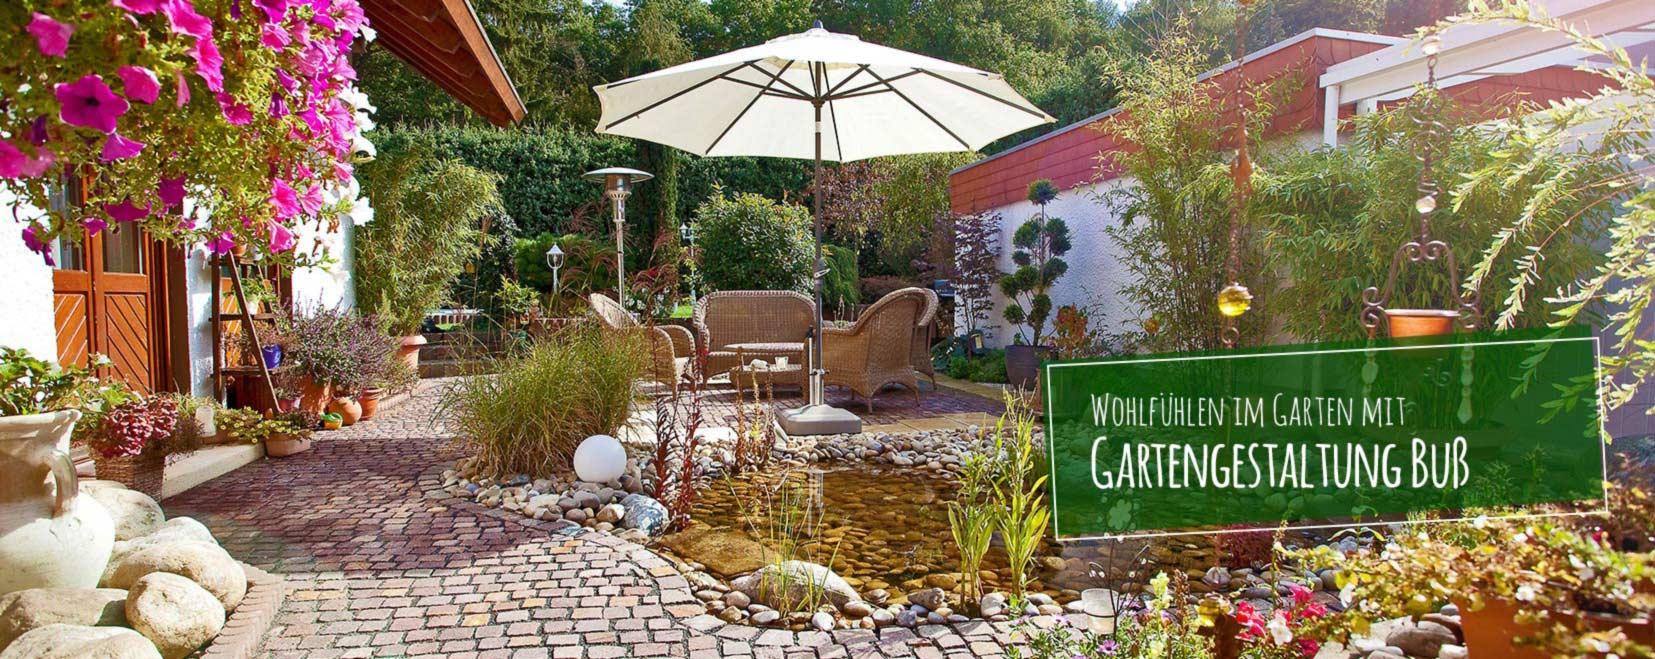 Gartengestaltung Gartenbau Gartenteich Hohenahr